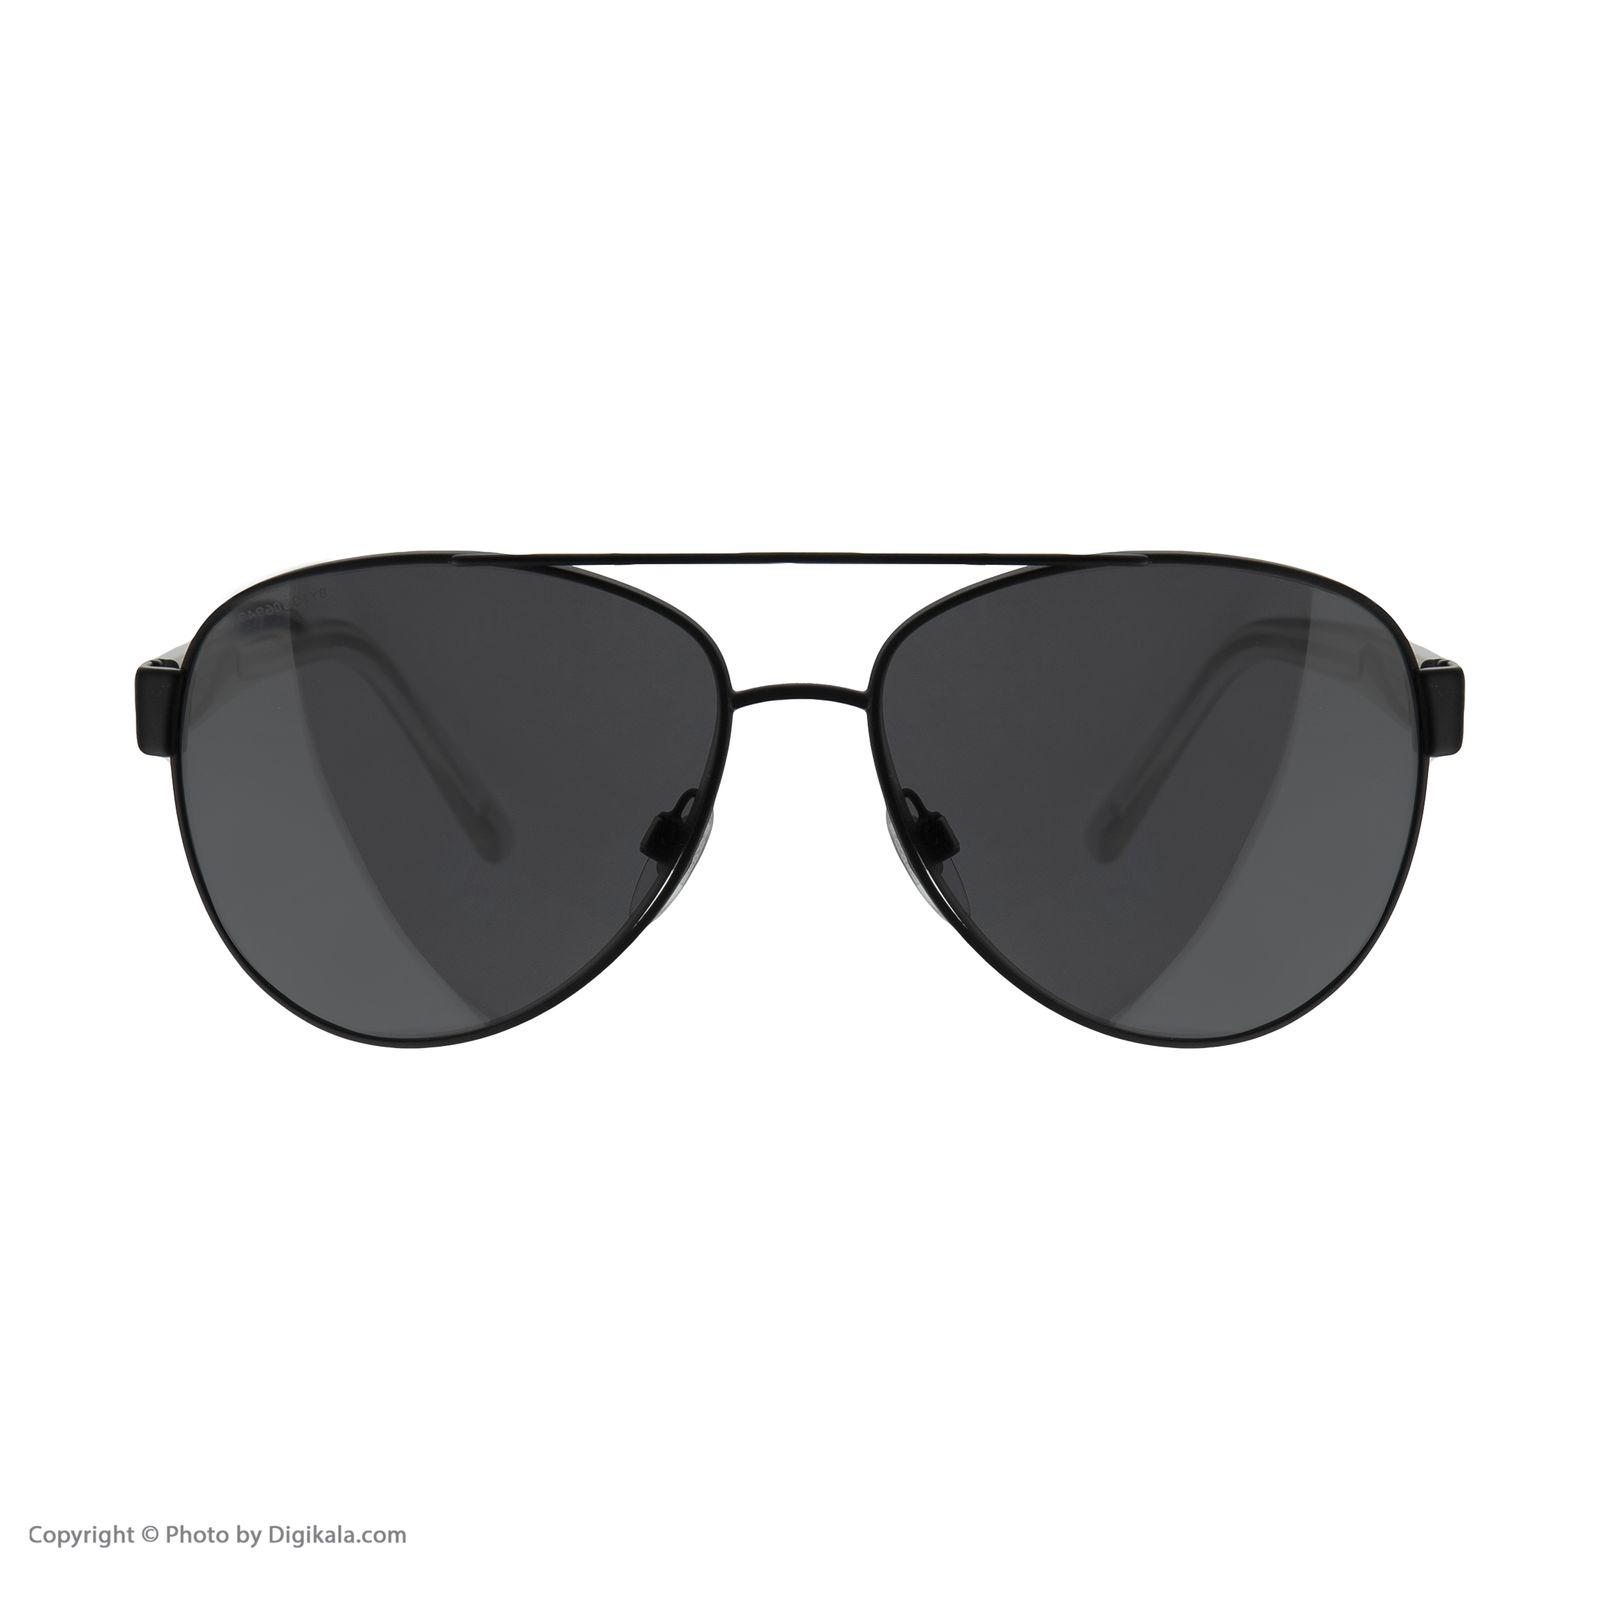 عینک آفتابی زنانه بربری مدل BE 3084S 100787 57 -  - 3